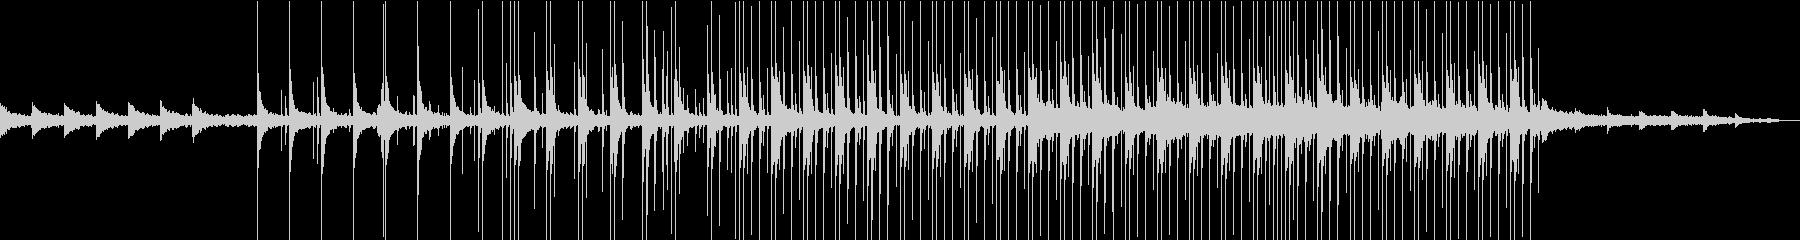 中国の太鼓を使った曲の未再生の波形